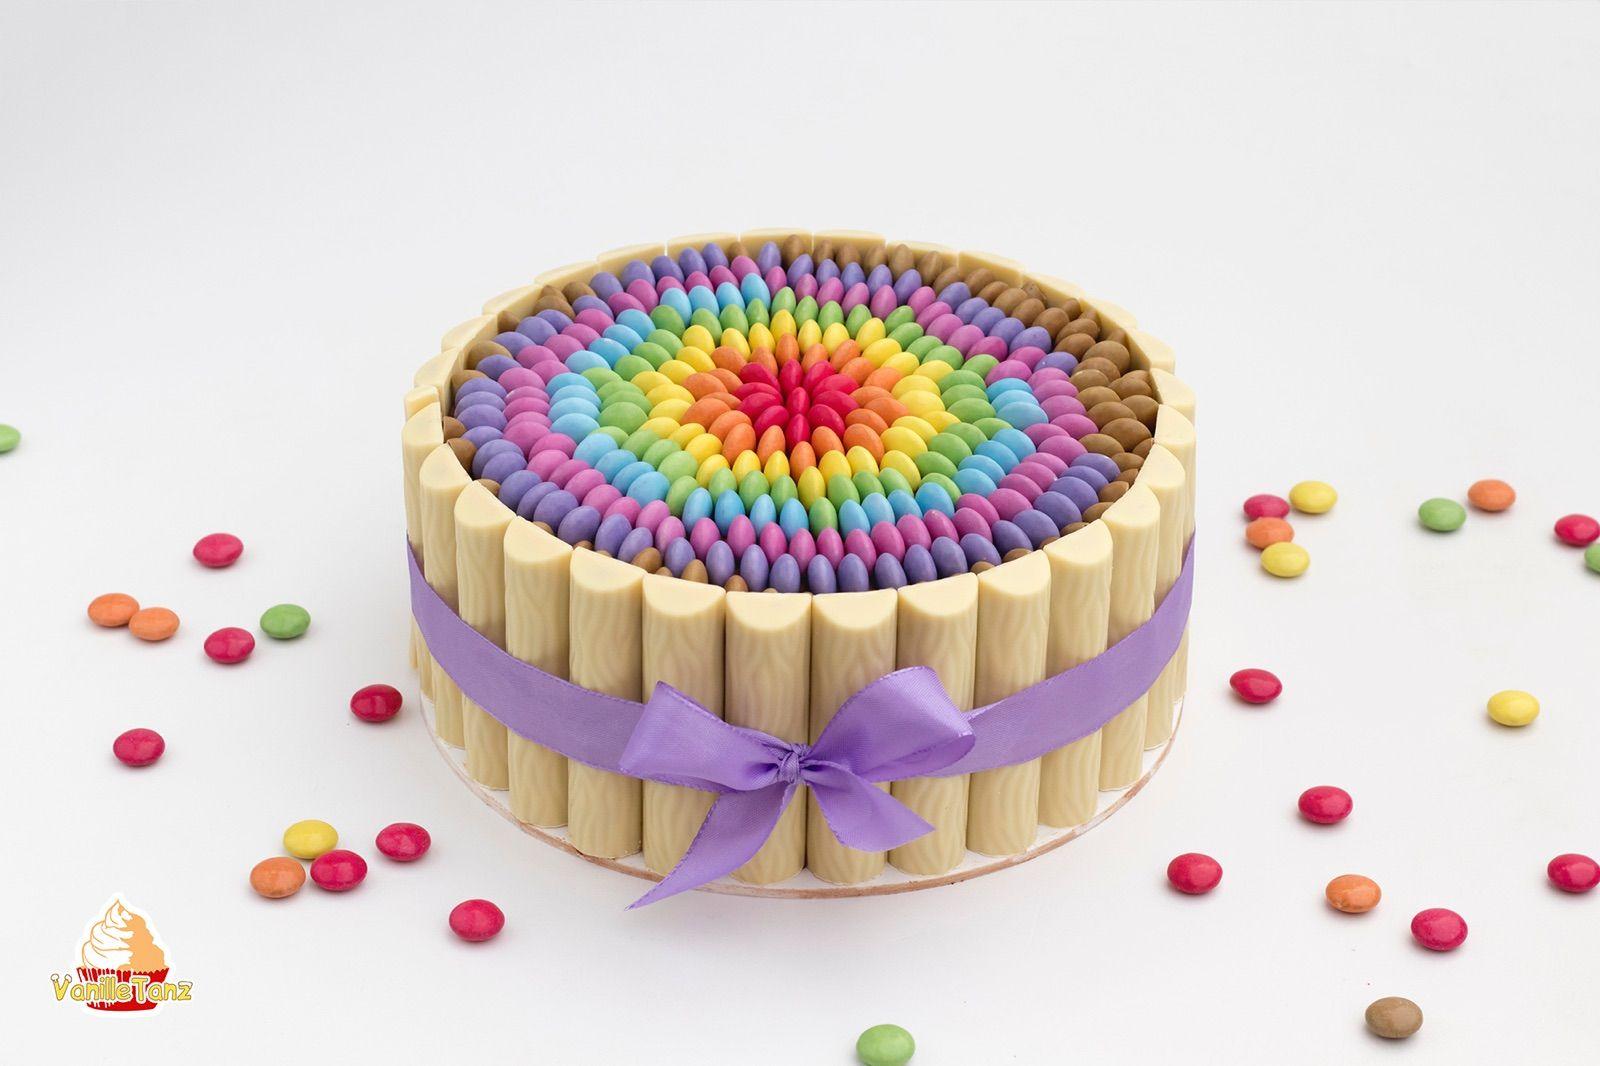 Smarties Regenbogen Torte , Rainbow Cake with Smarties ...